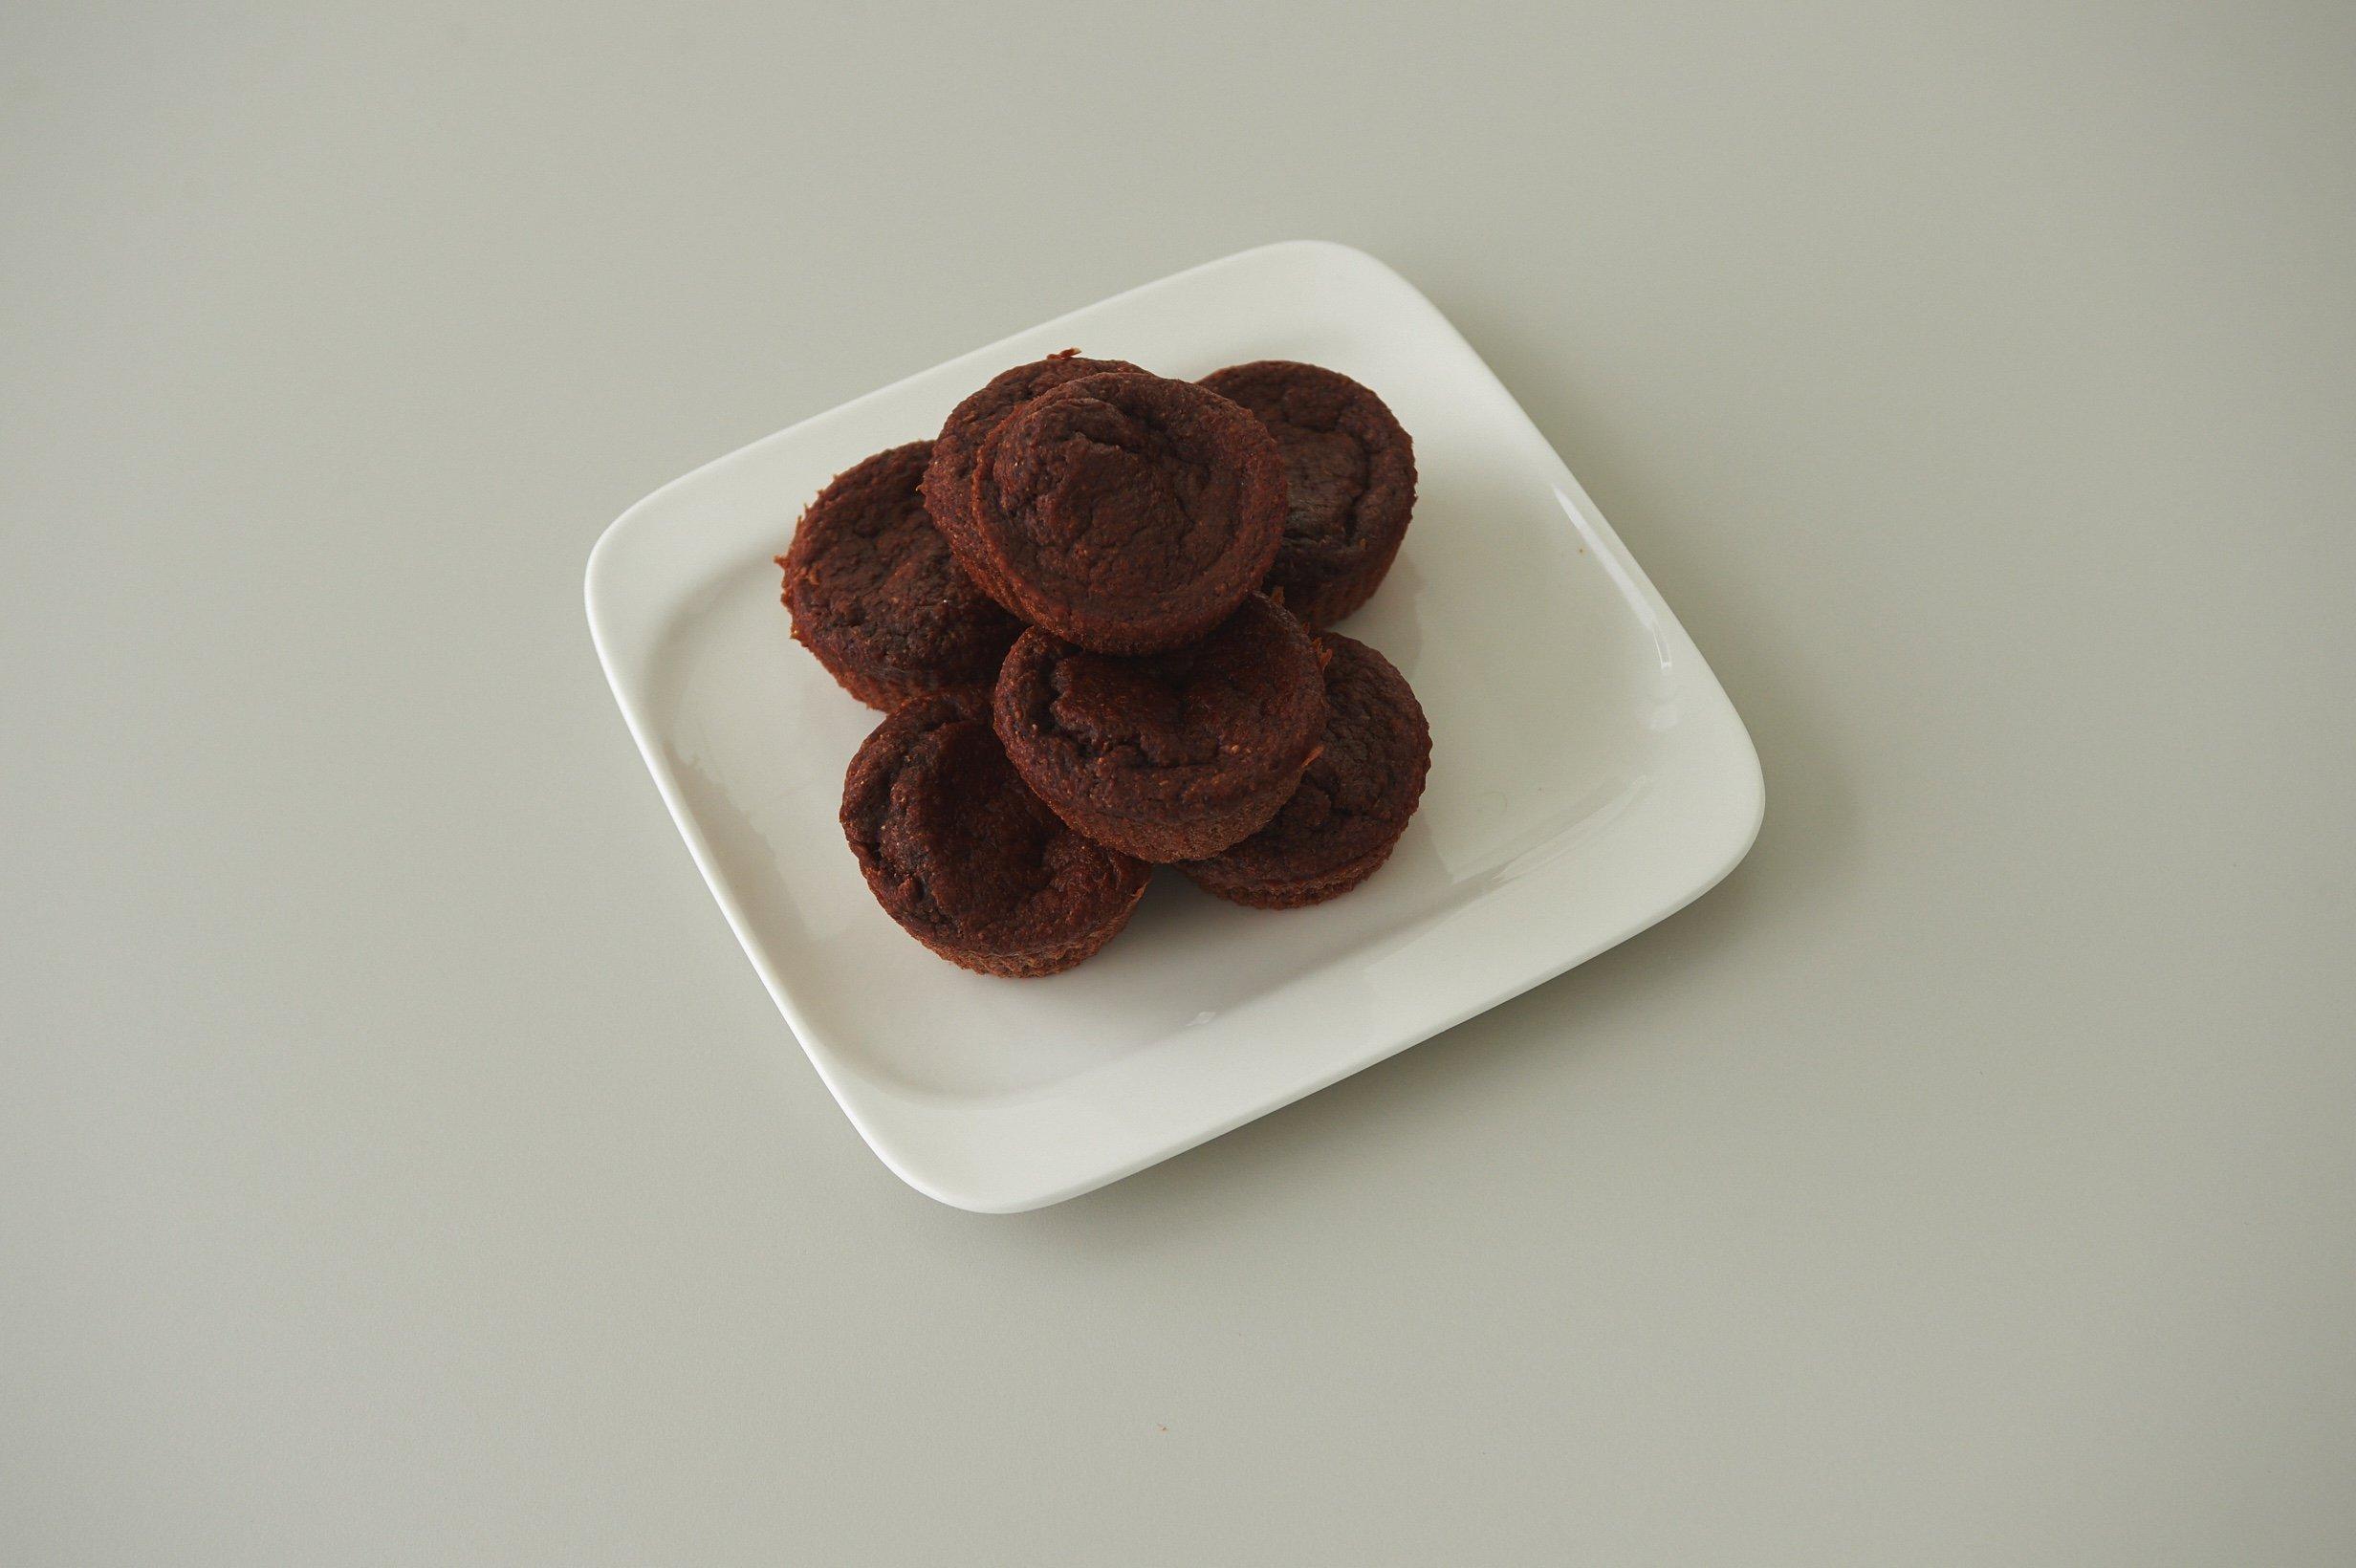 Μάφινς σοκολάτας από αλεύρι ολικής αλέσεως και βούτυρο καρύδας